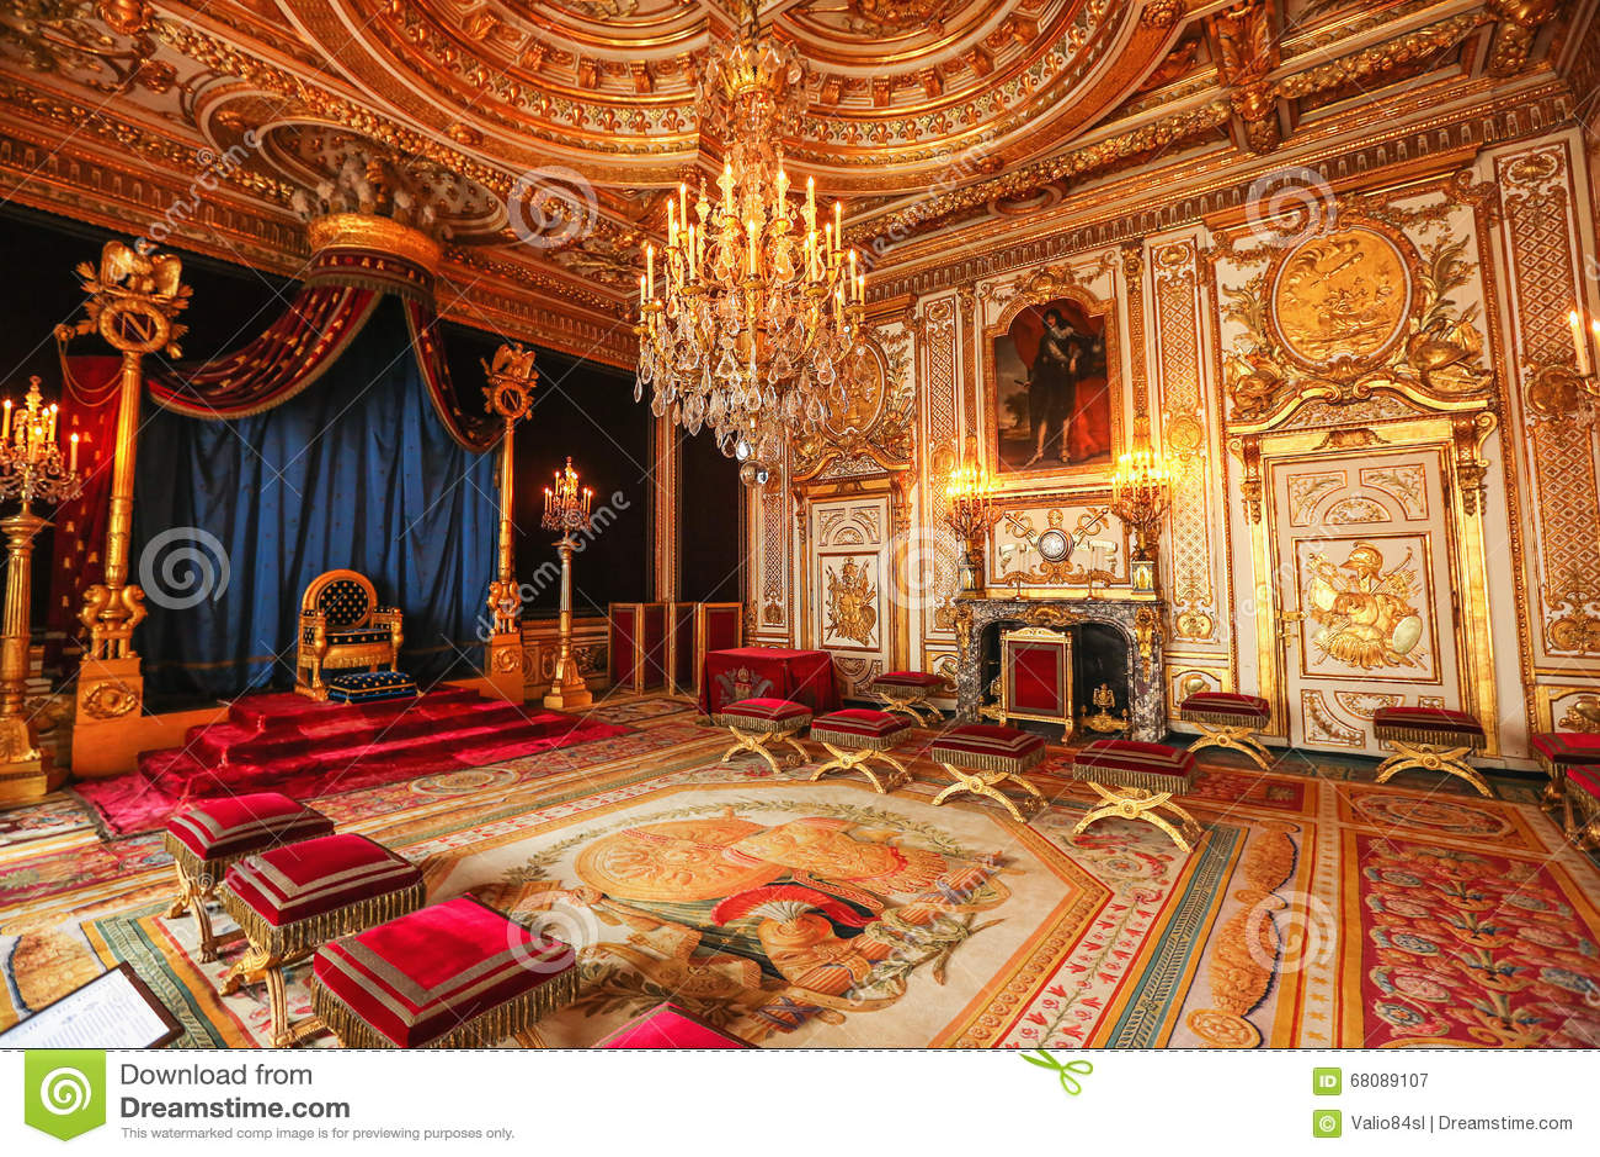 Interieur France Of Paris France Int Rieur De Palais De Versailles